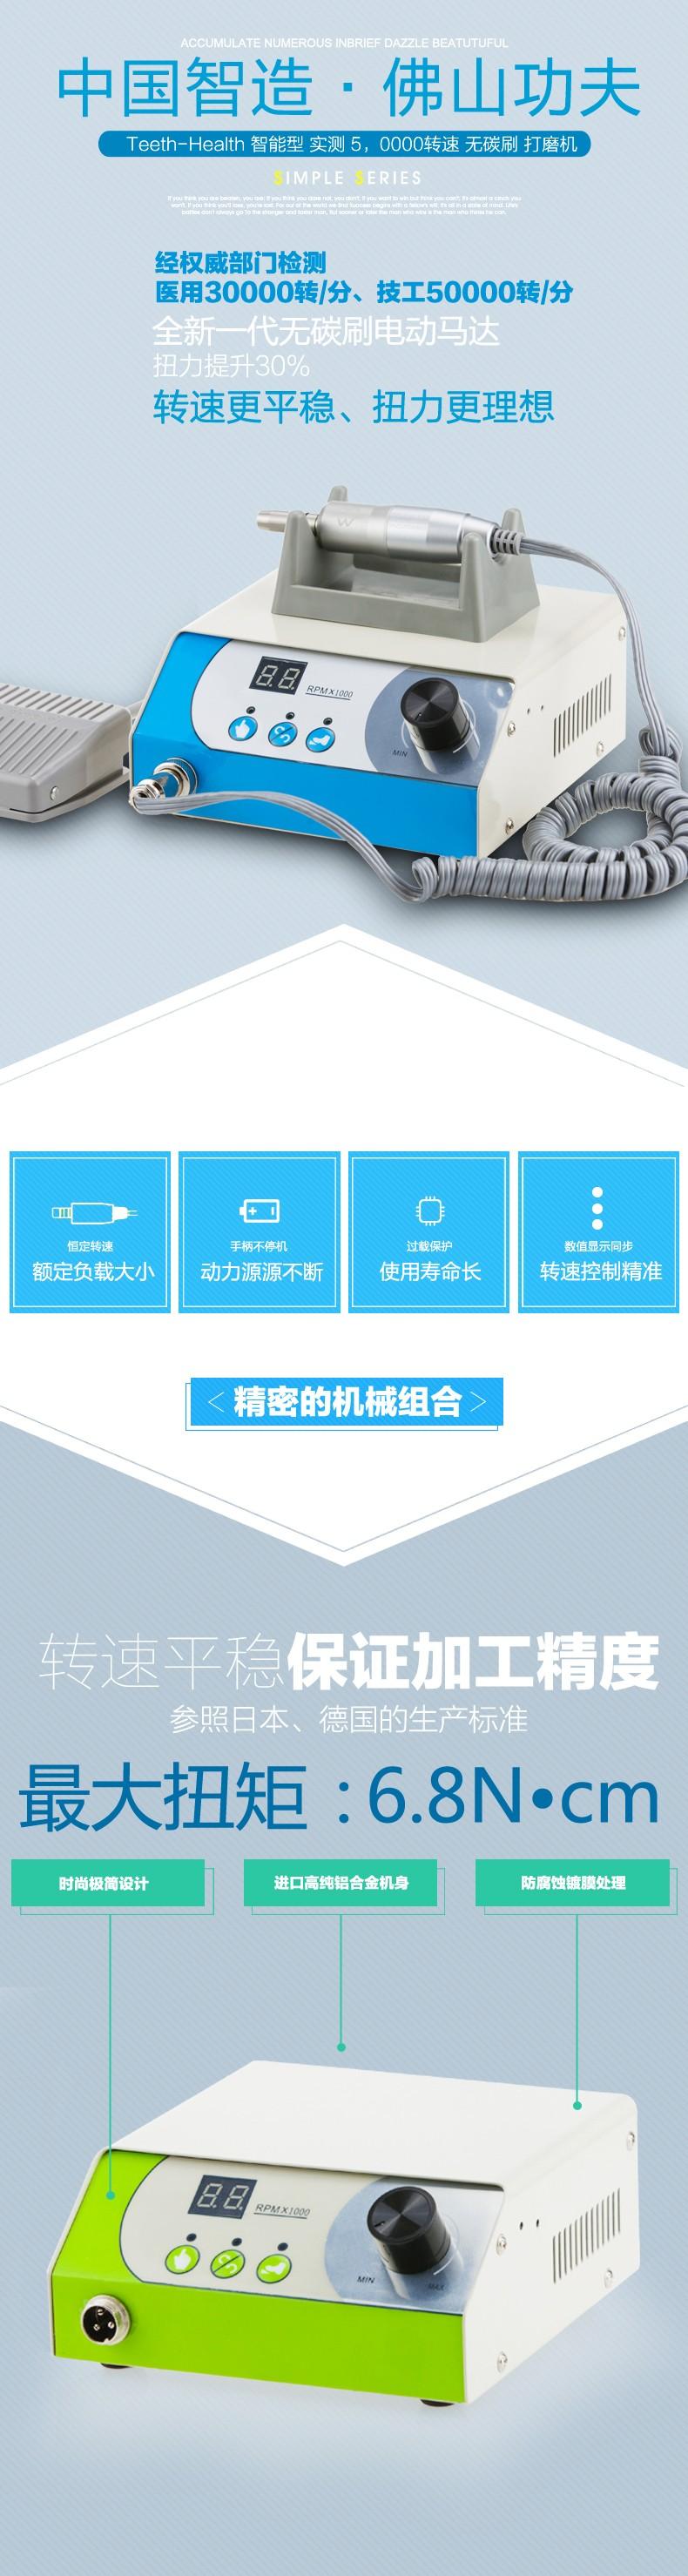 3W打磨机(电动马达).jpg